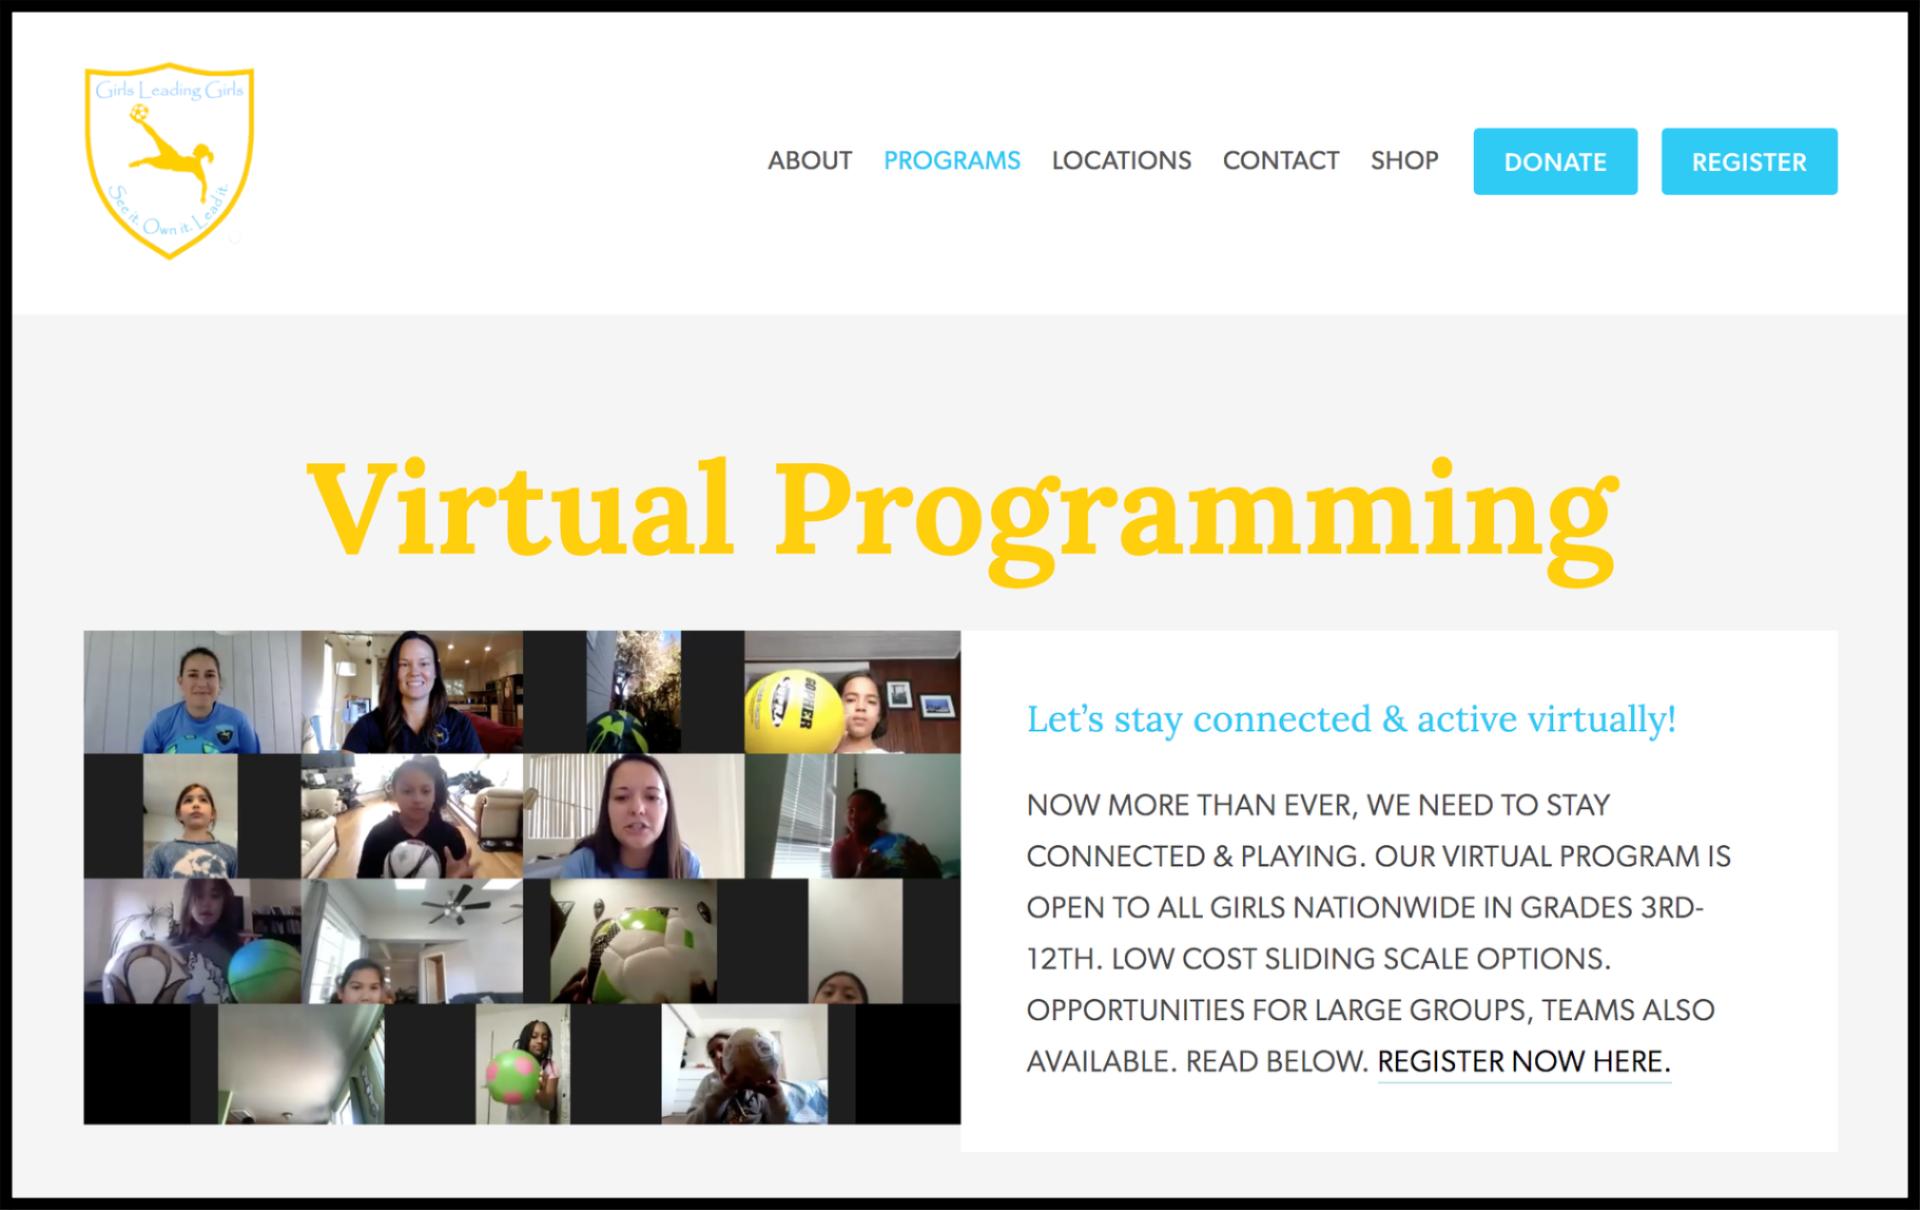 Girls Leading Girls virtual programming